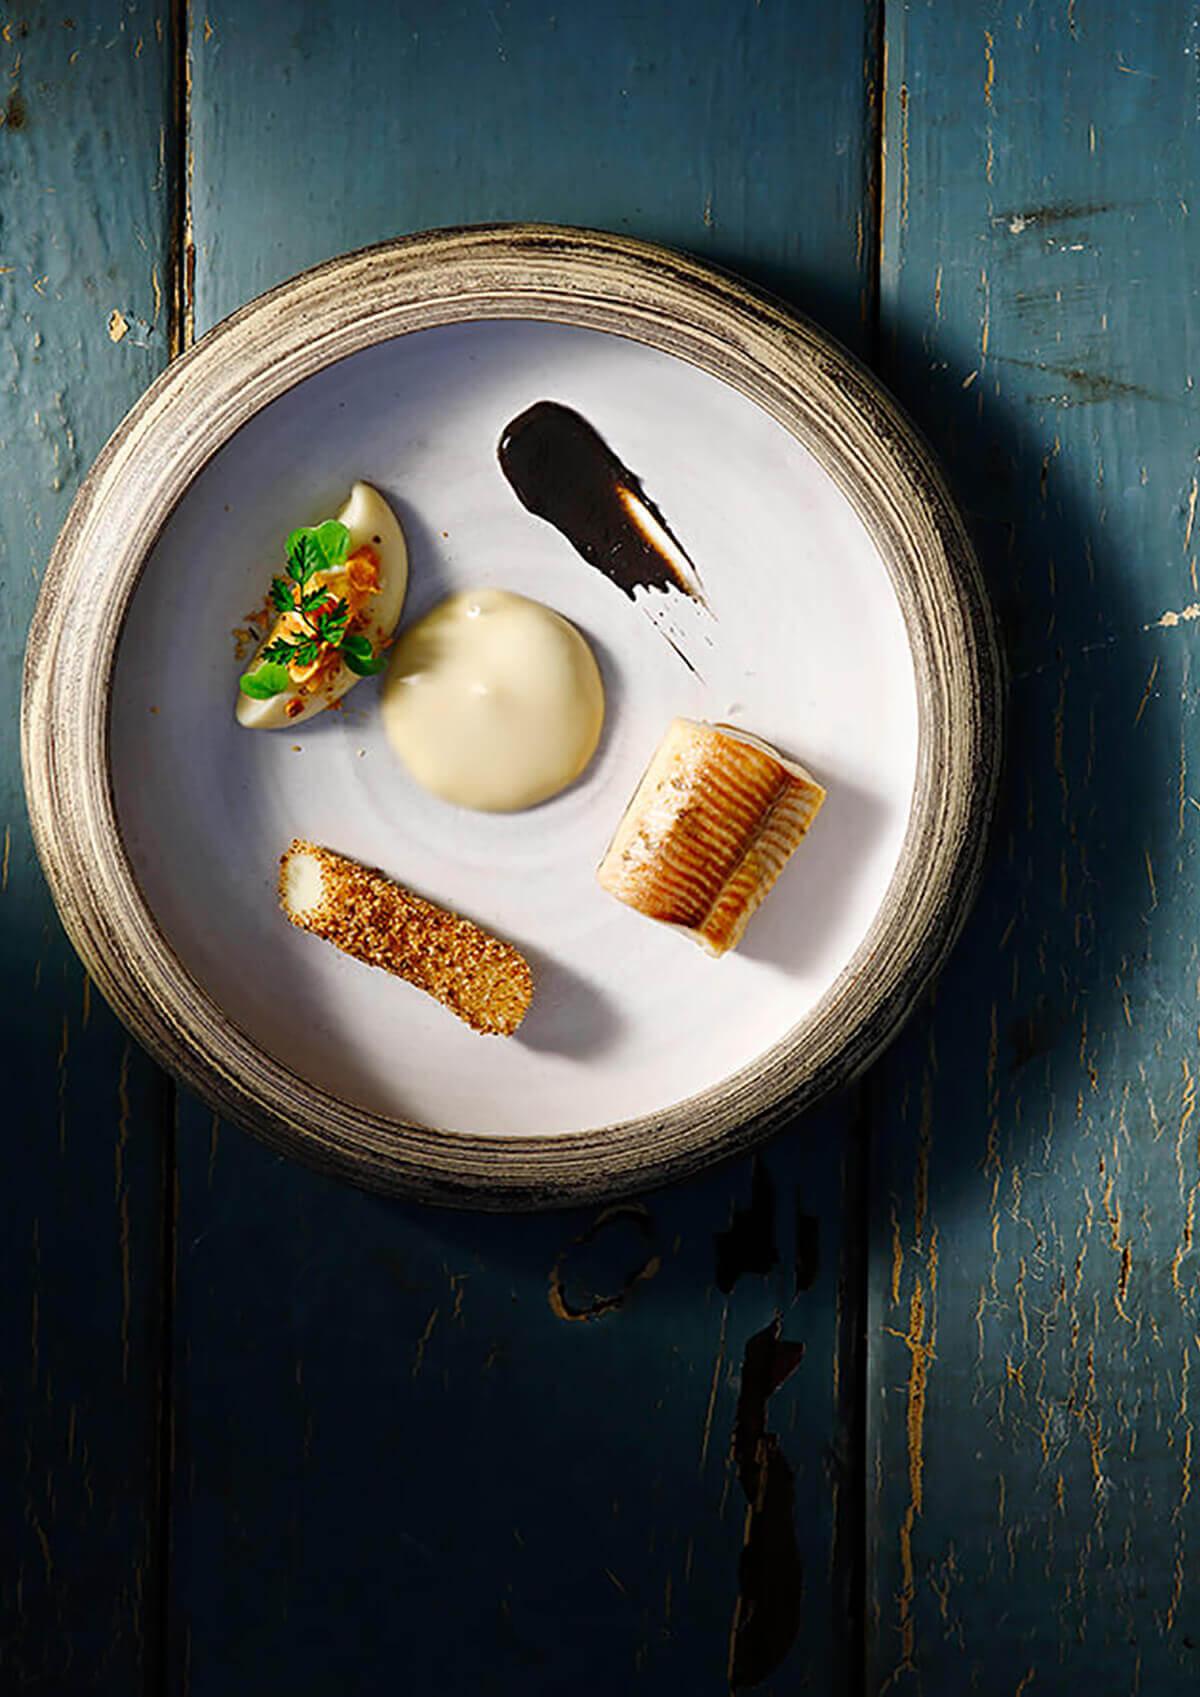 Σιγοψημμένη Πέστροφα σε καμμένο βούτυρο, με Λαγόχορτο, Μαύρο Σκόρδο και αφρό από σαγκουίνι, Yuzu και σιρόπι Σφενδάμου